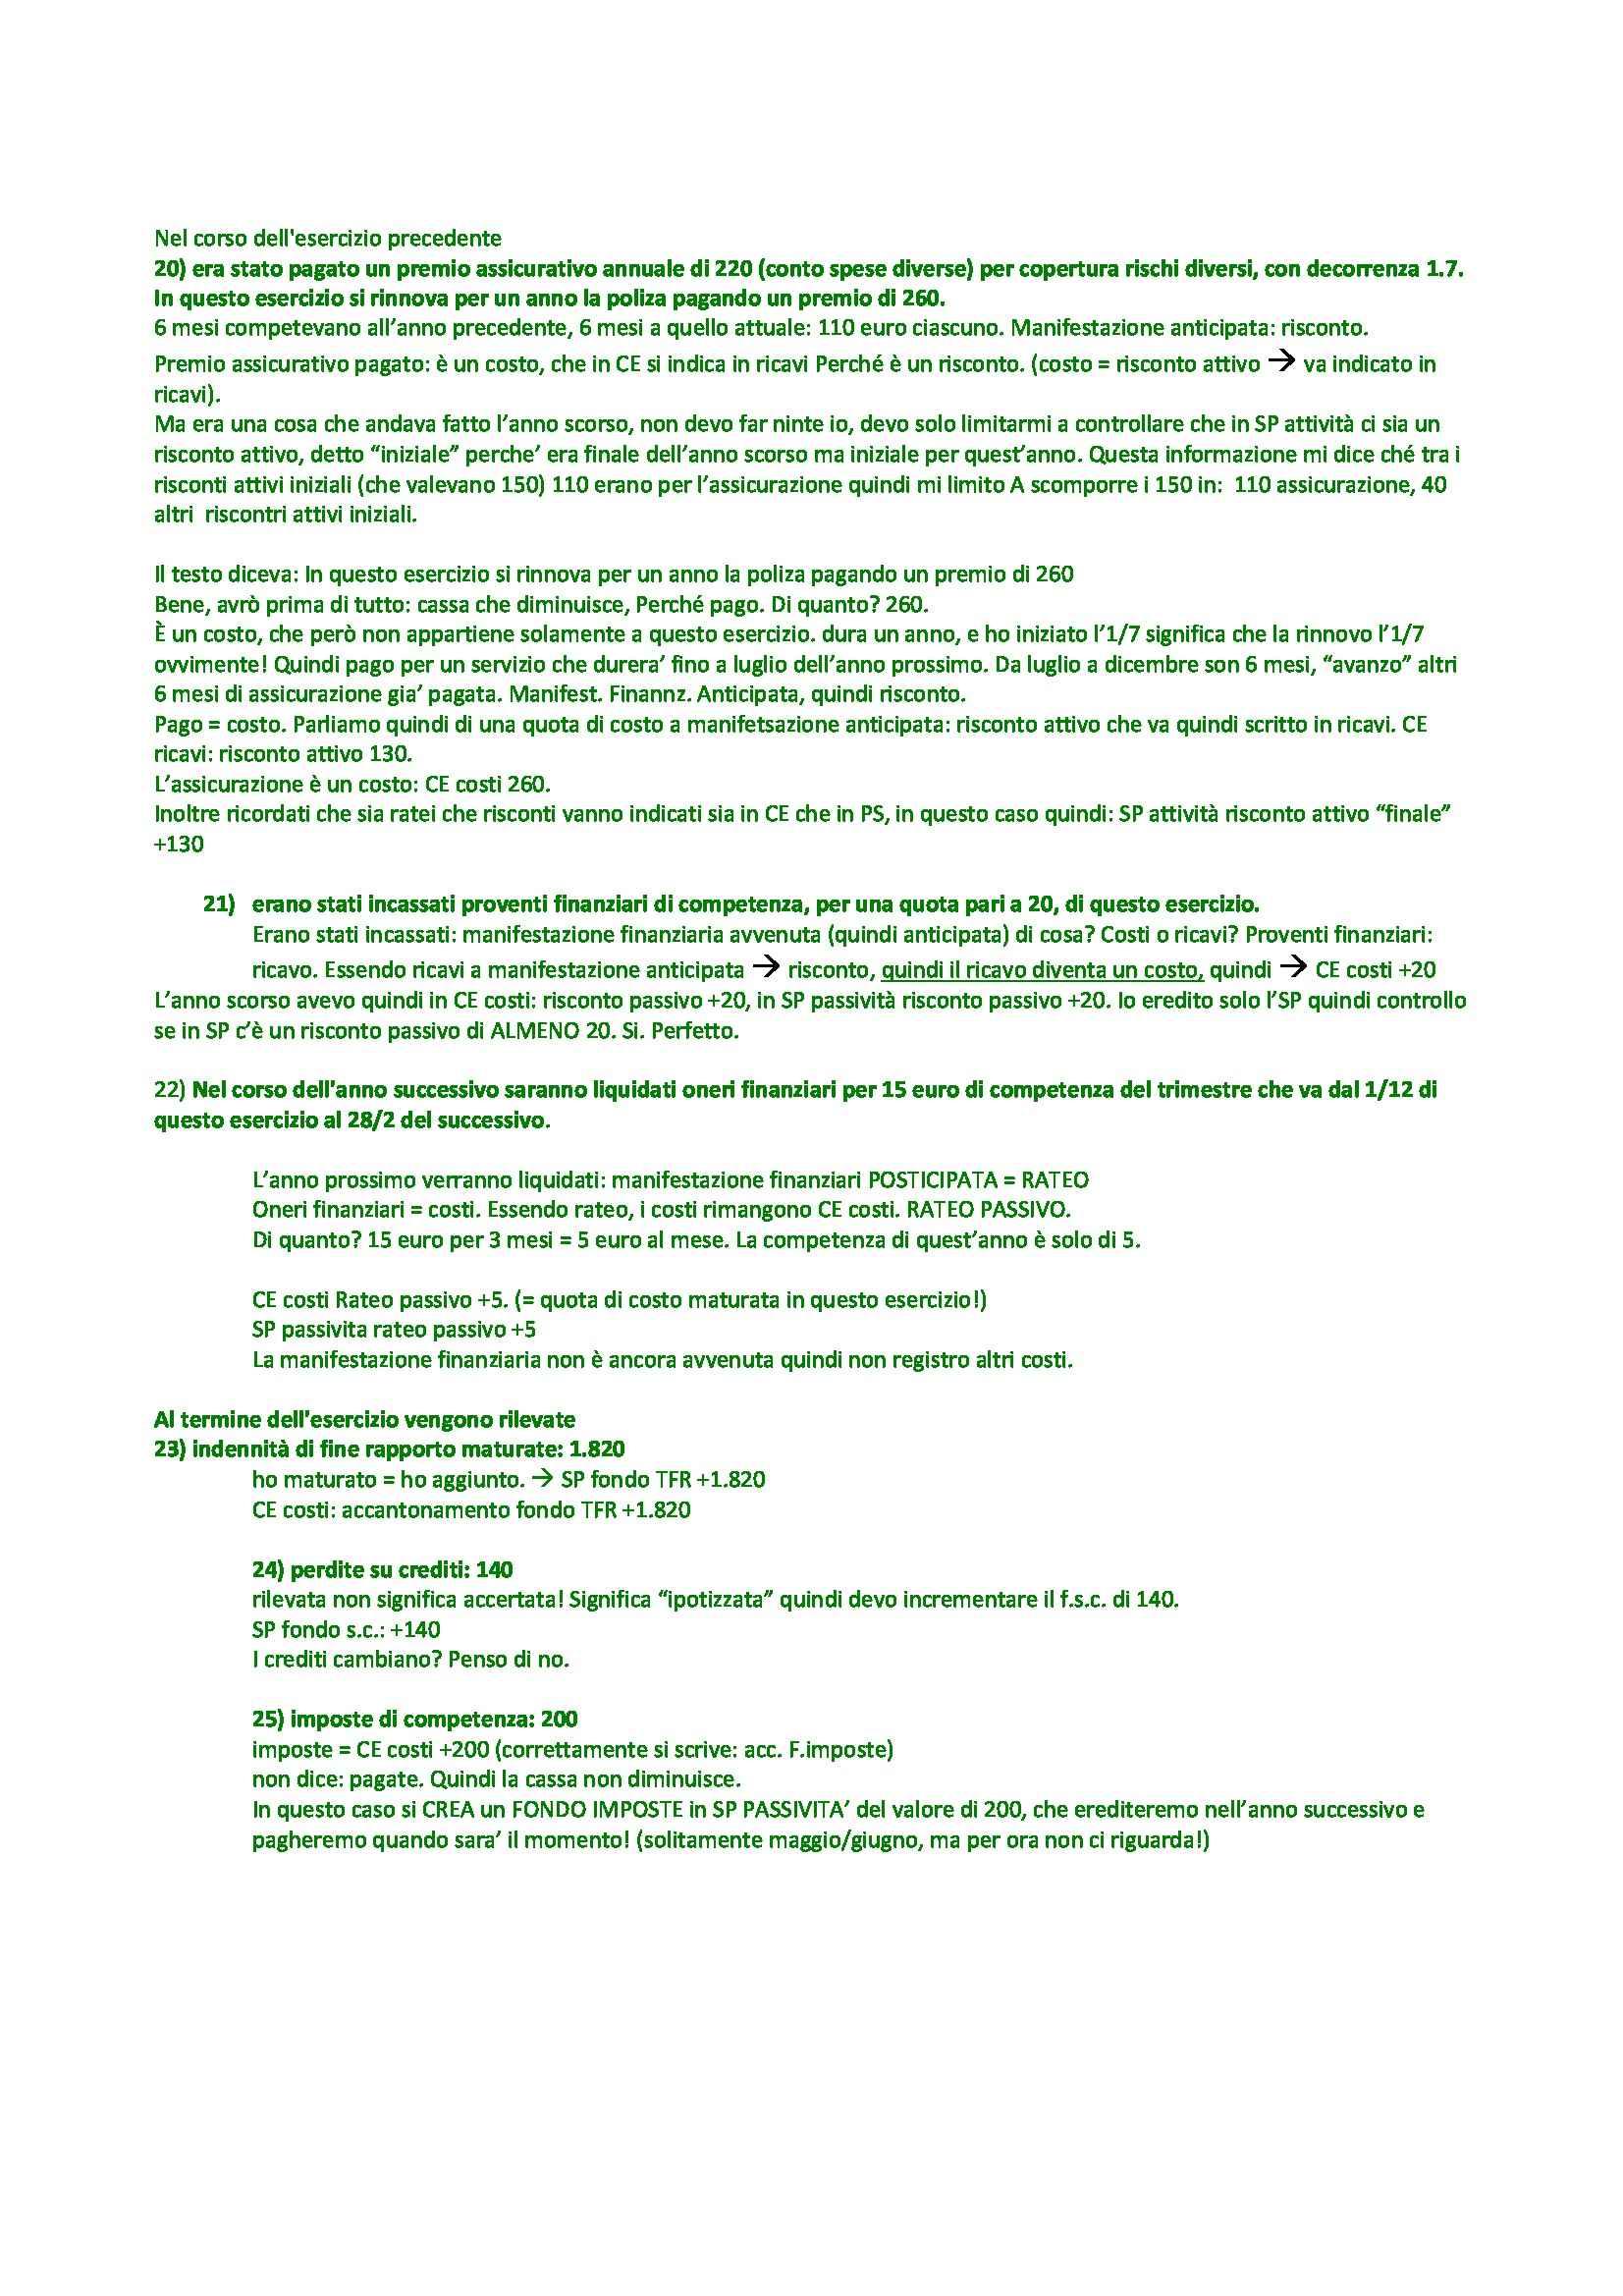 Economia e organizzazione aziendale - esercitazione Pag. 31